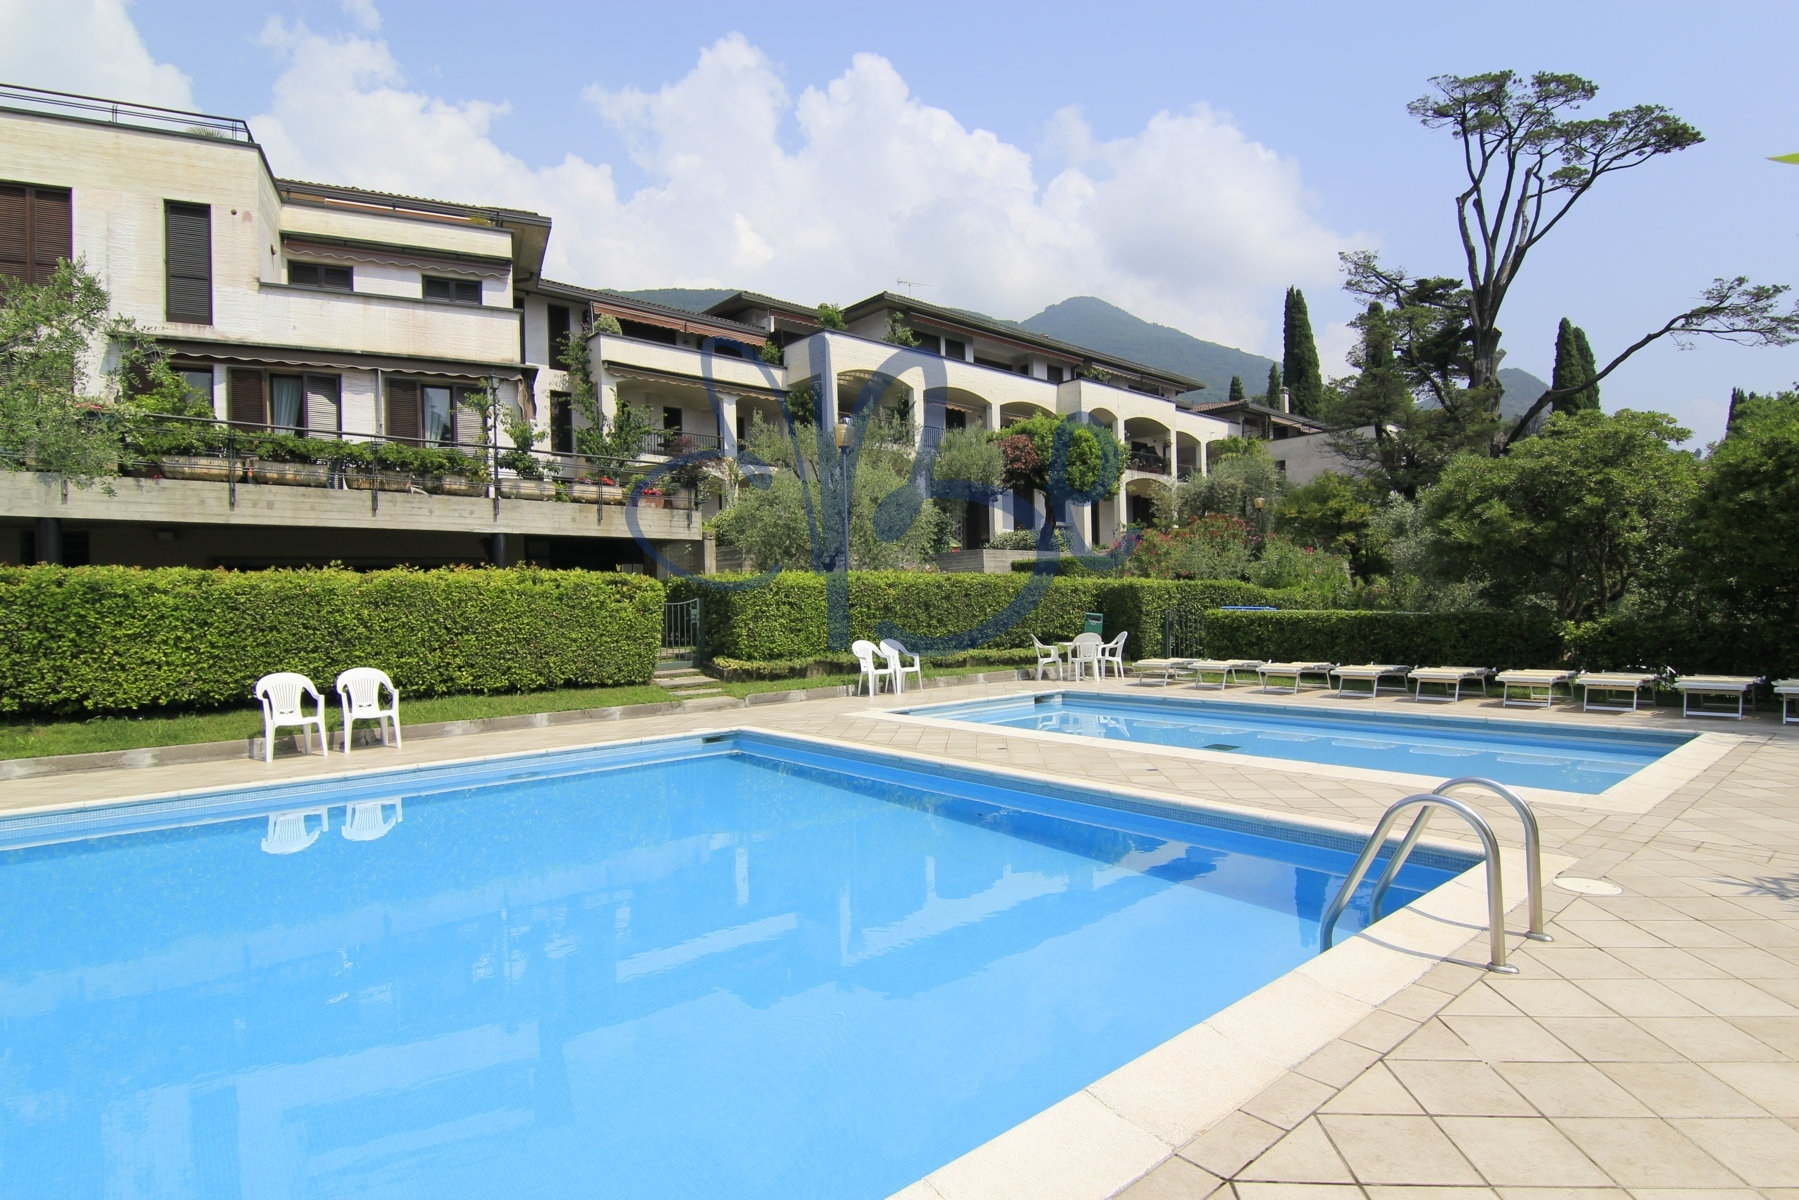 Appartamento in vendita a Gardone Riviera, 3 locali, zona Località: GardoneSopra, prezzo € 290.000 | CambioCasa.it